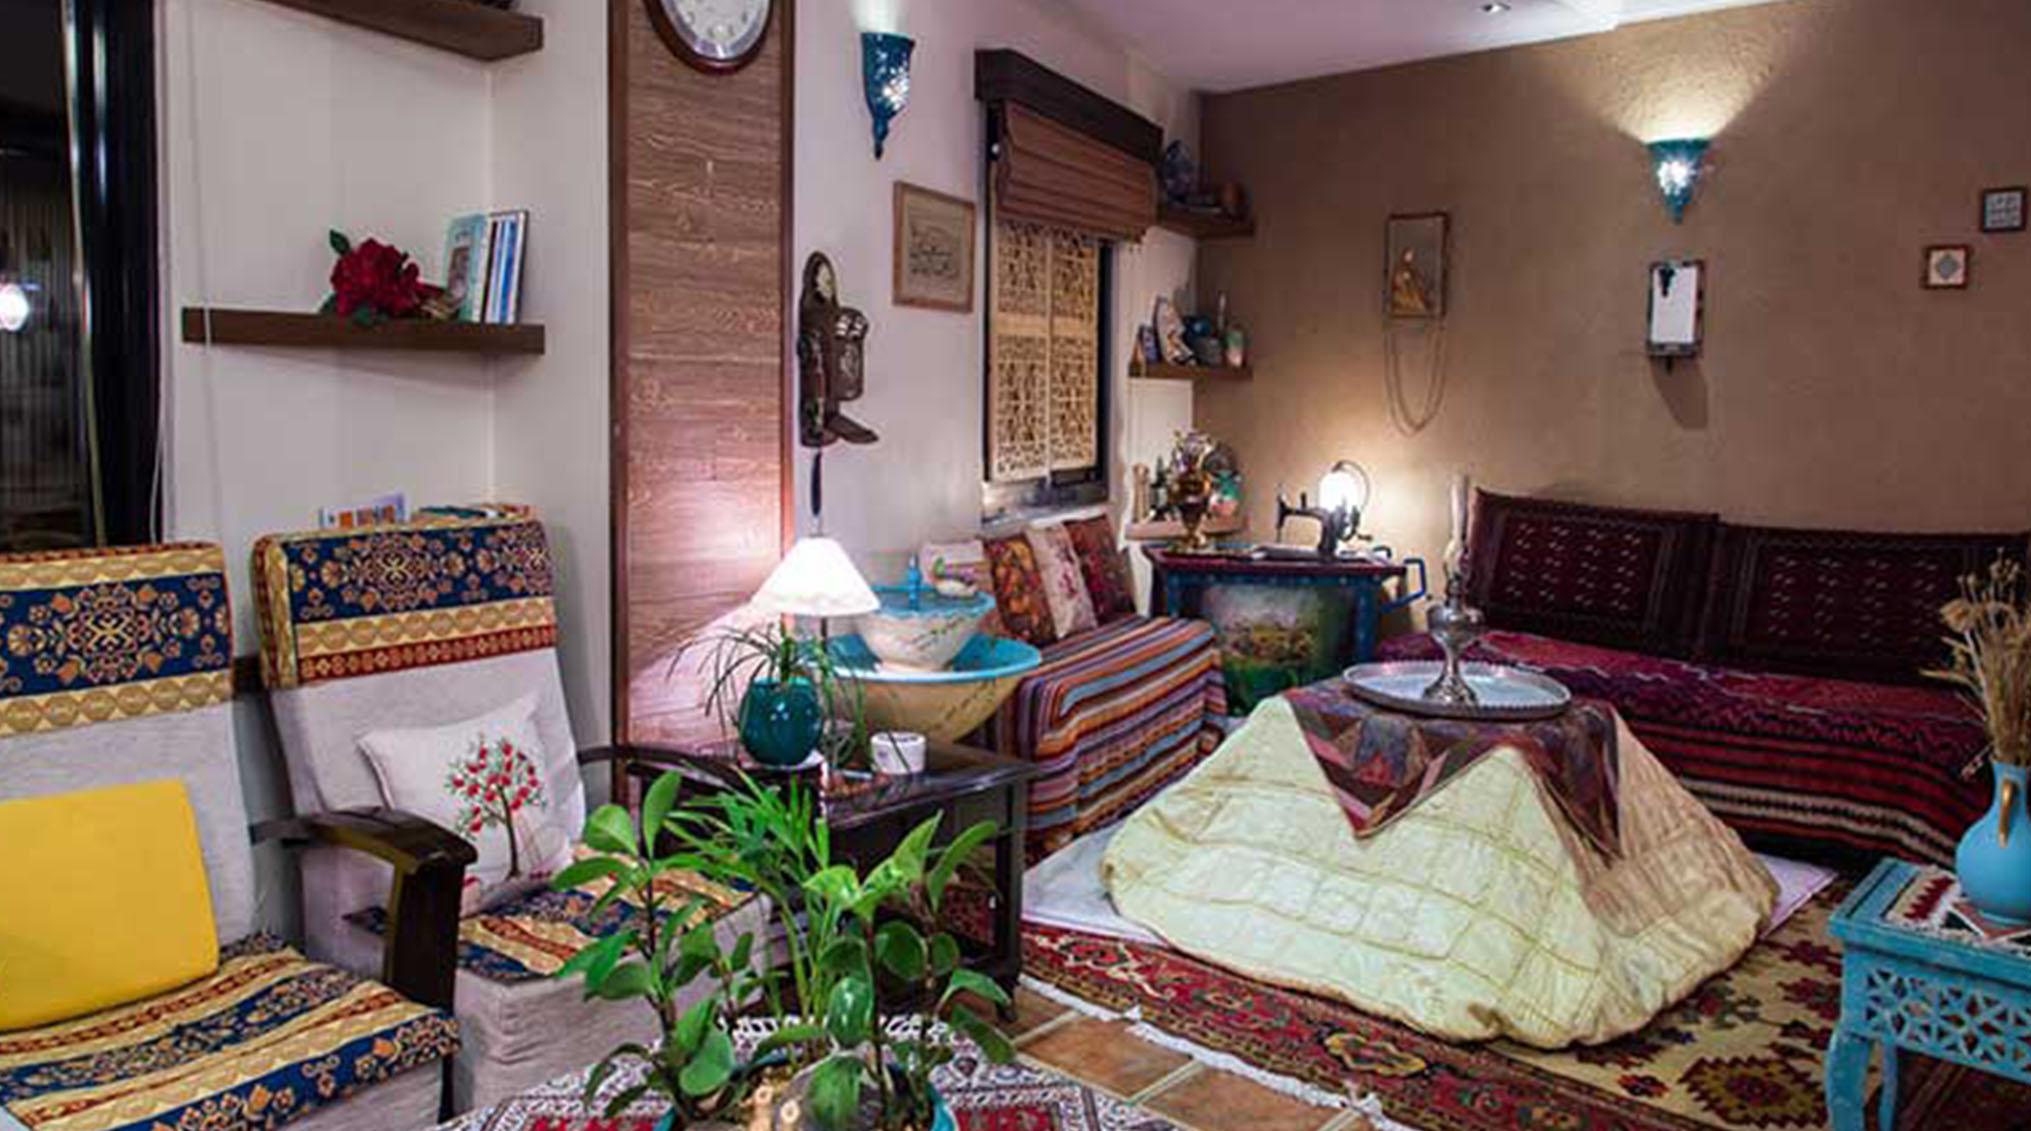 چگونه یک دکوراسیون سنتی برای خانهٔ خود داشته باشیم؟